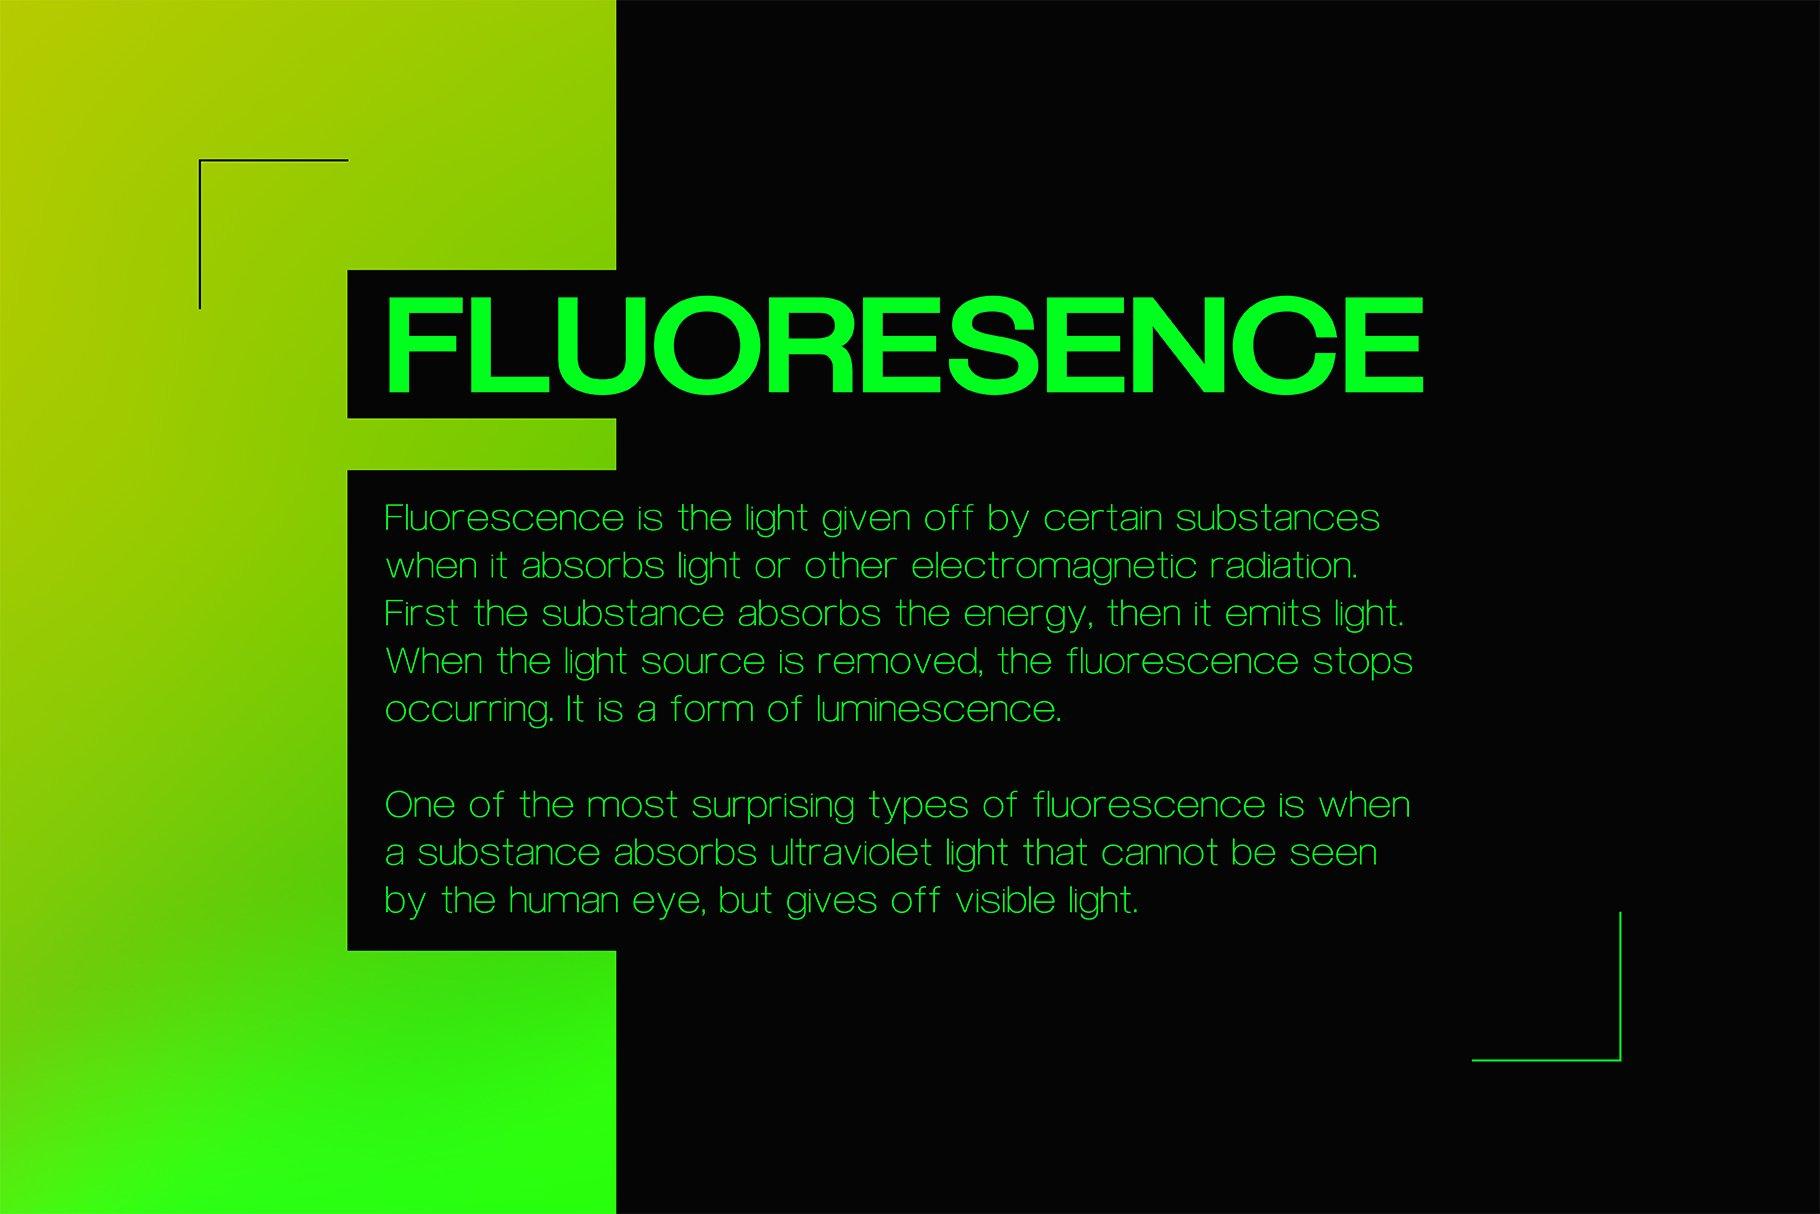 现代简约无衬线英文字体下载 FLURO Typeface插图(2)